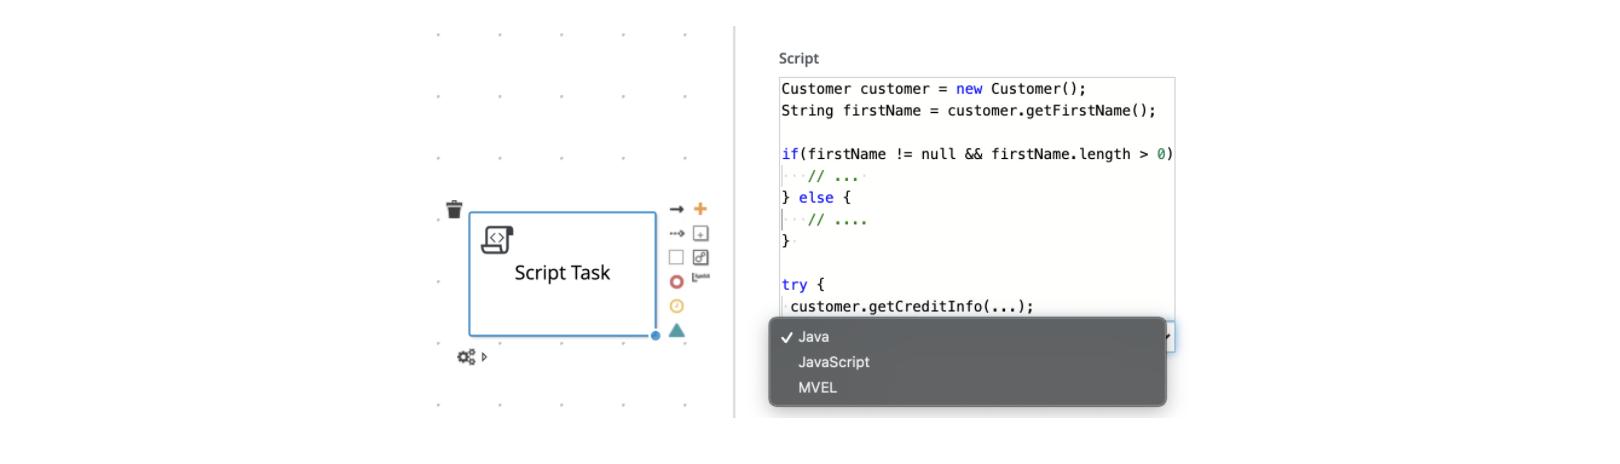 Code inside flow-chart-based DSL